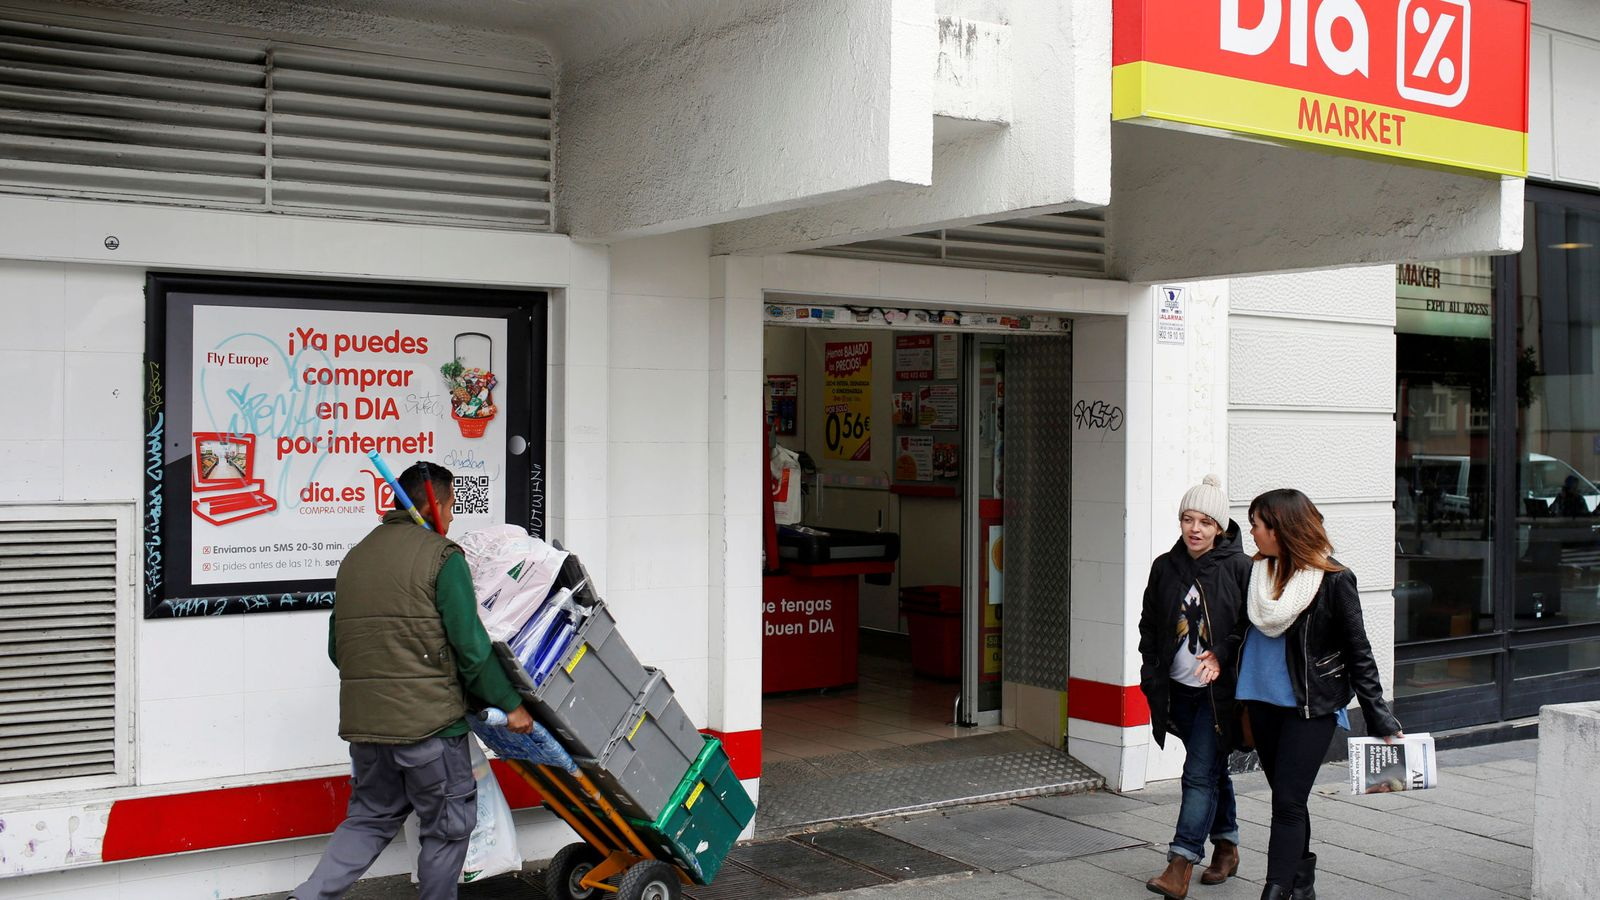 Foto: Supermercado de DIA. (Reuters)